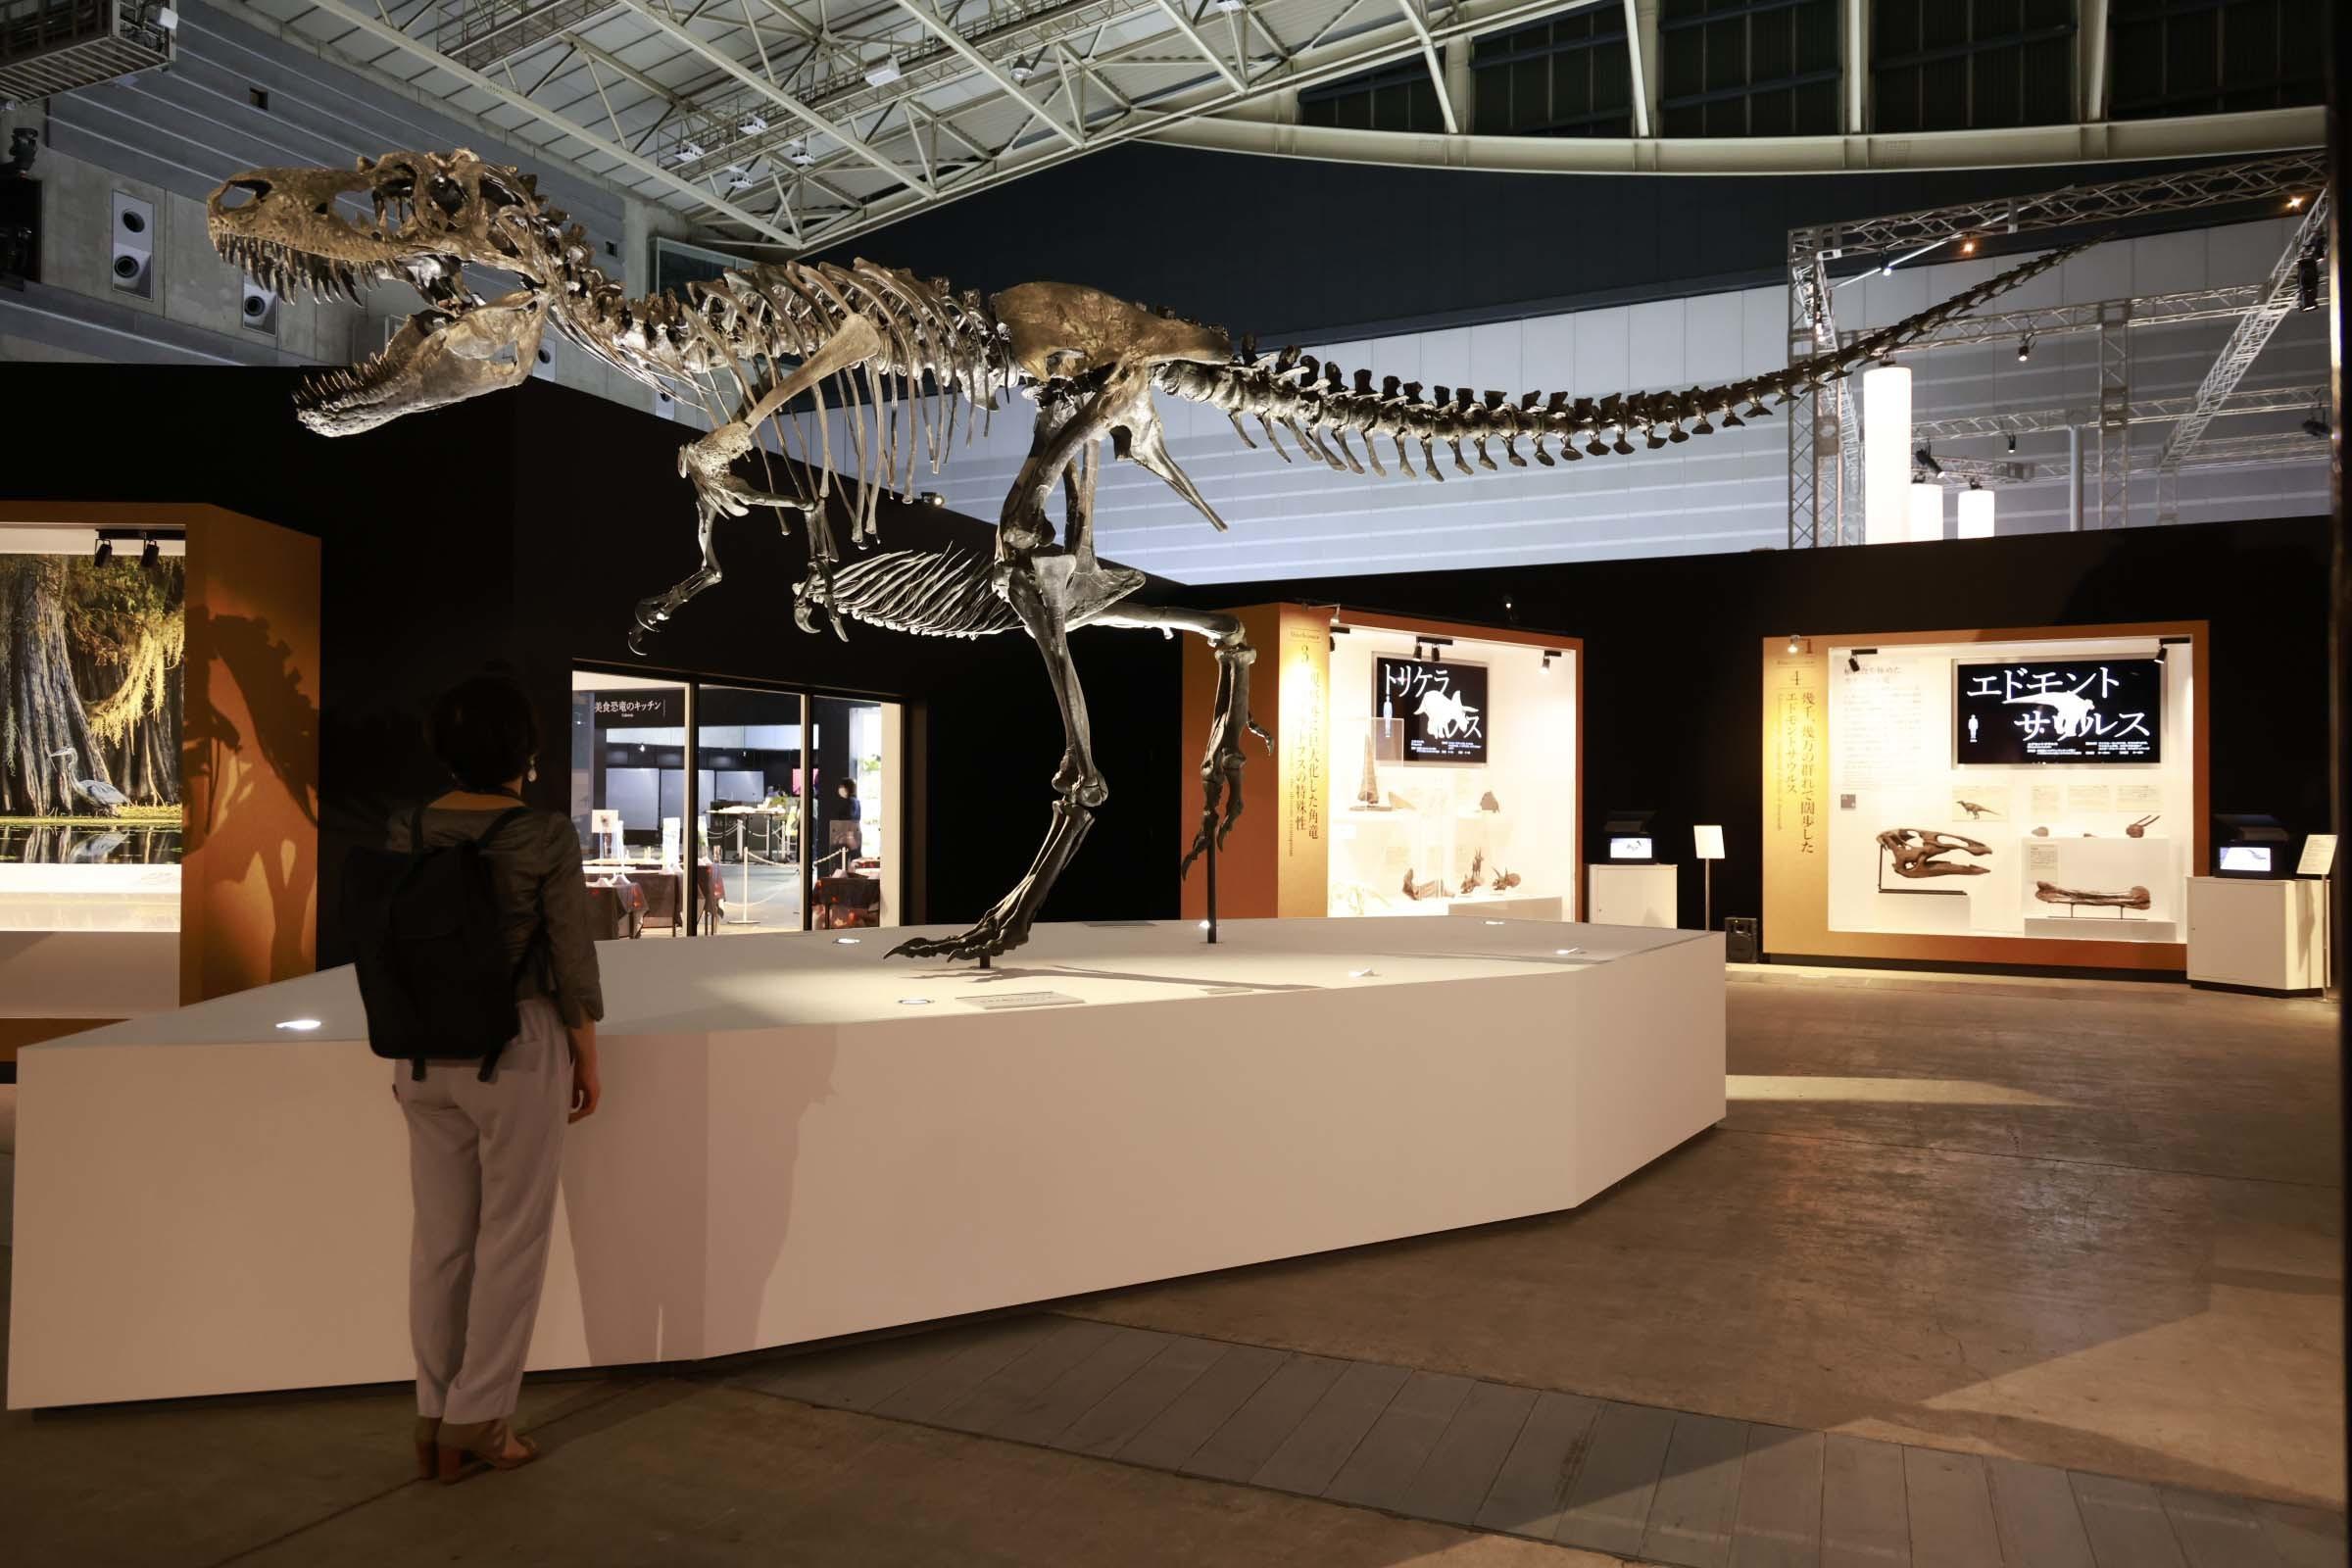 ゴルゴサウルスもまさか2021年の横浜に立つことになるなんて思ってもみなかっだろう